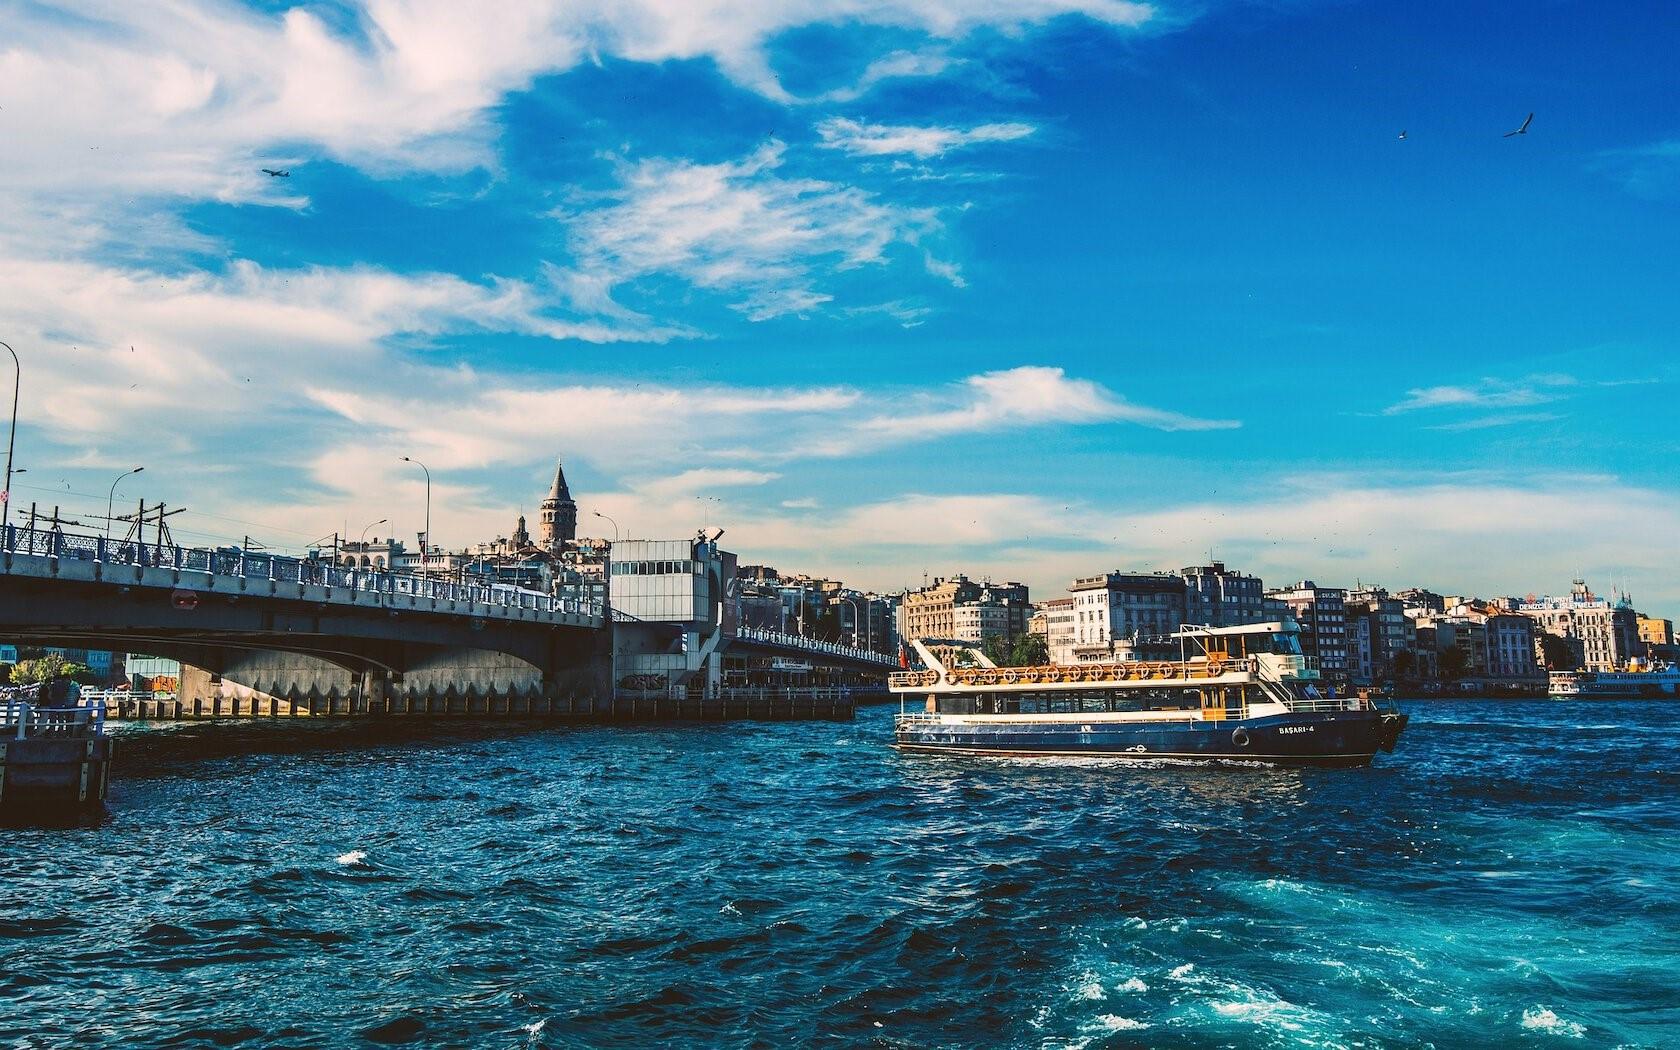 هر اندازه که استانبول را بیشتر کشف کنید، به همان اندازه مسحور زیباییهای شهر و مهماننوازی مردمانش خواهید شد. استانبول مقصدی رویایی است. این شهر زیبا در لبهی اروپا و درست در نقطهای قرار گرفته است که شرق را به غرب متصل میکند.